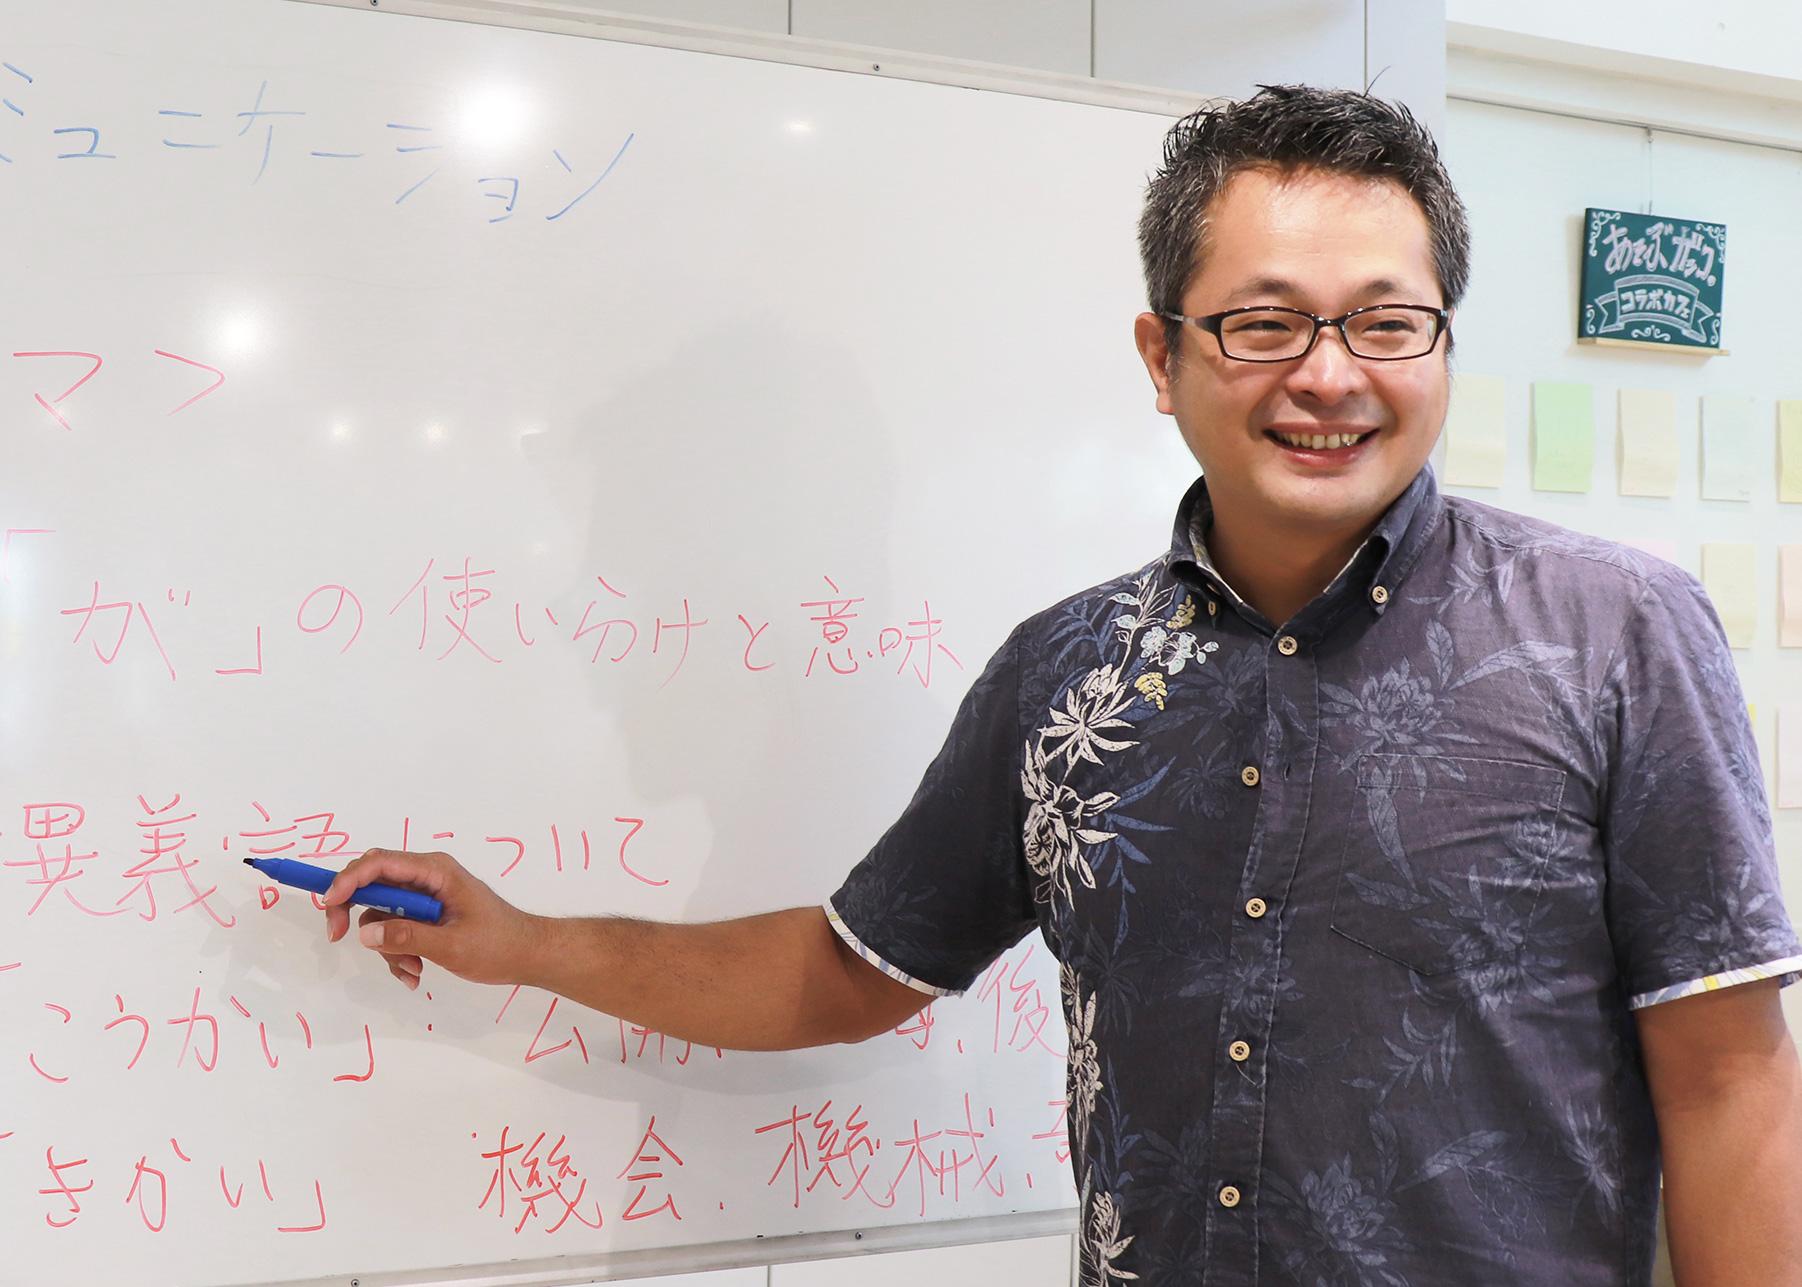 日本語の授業がある